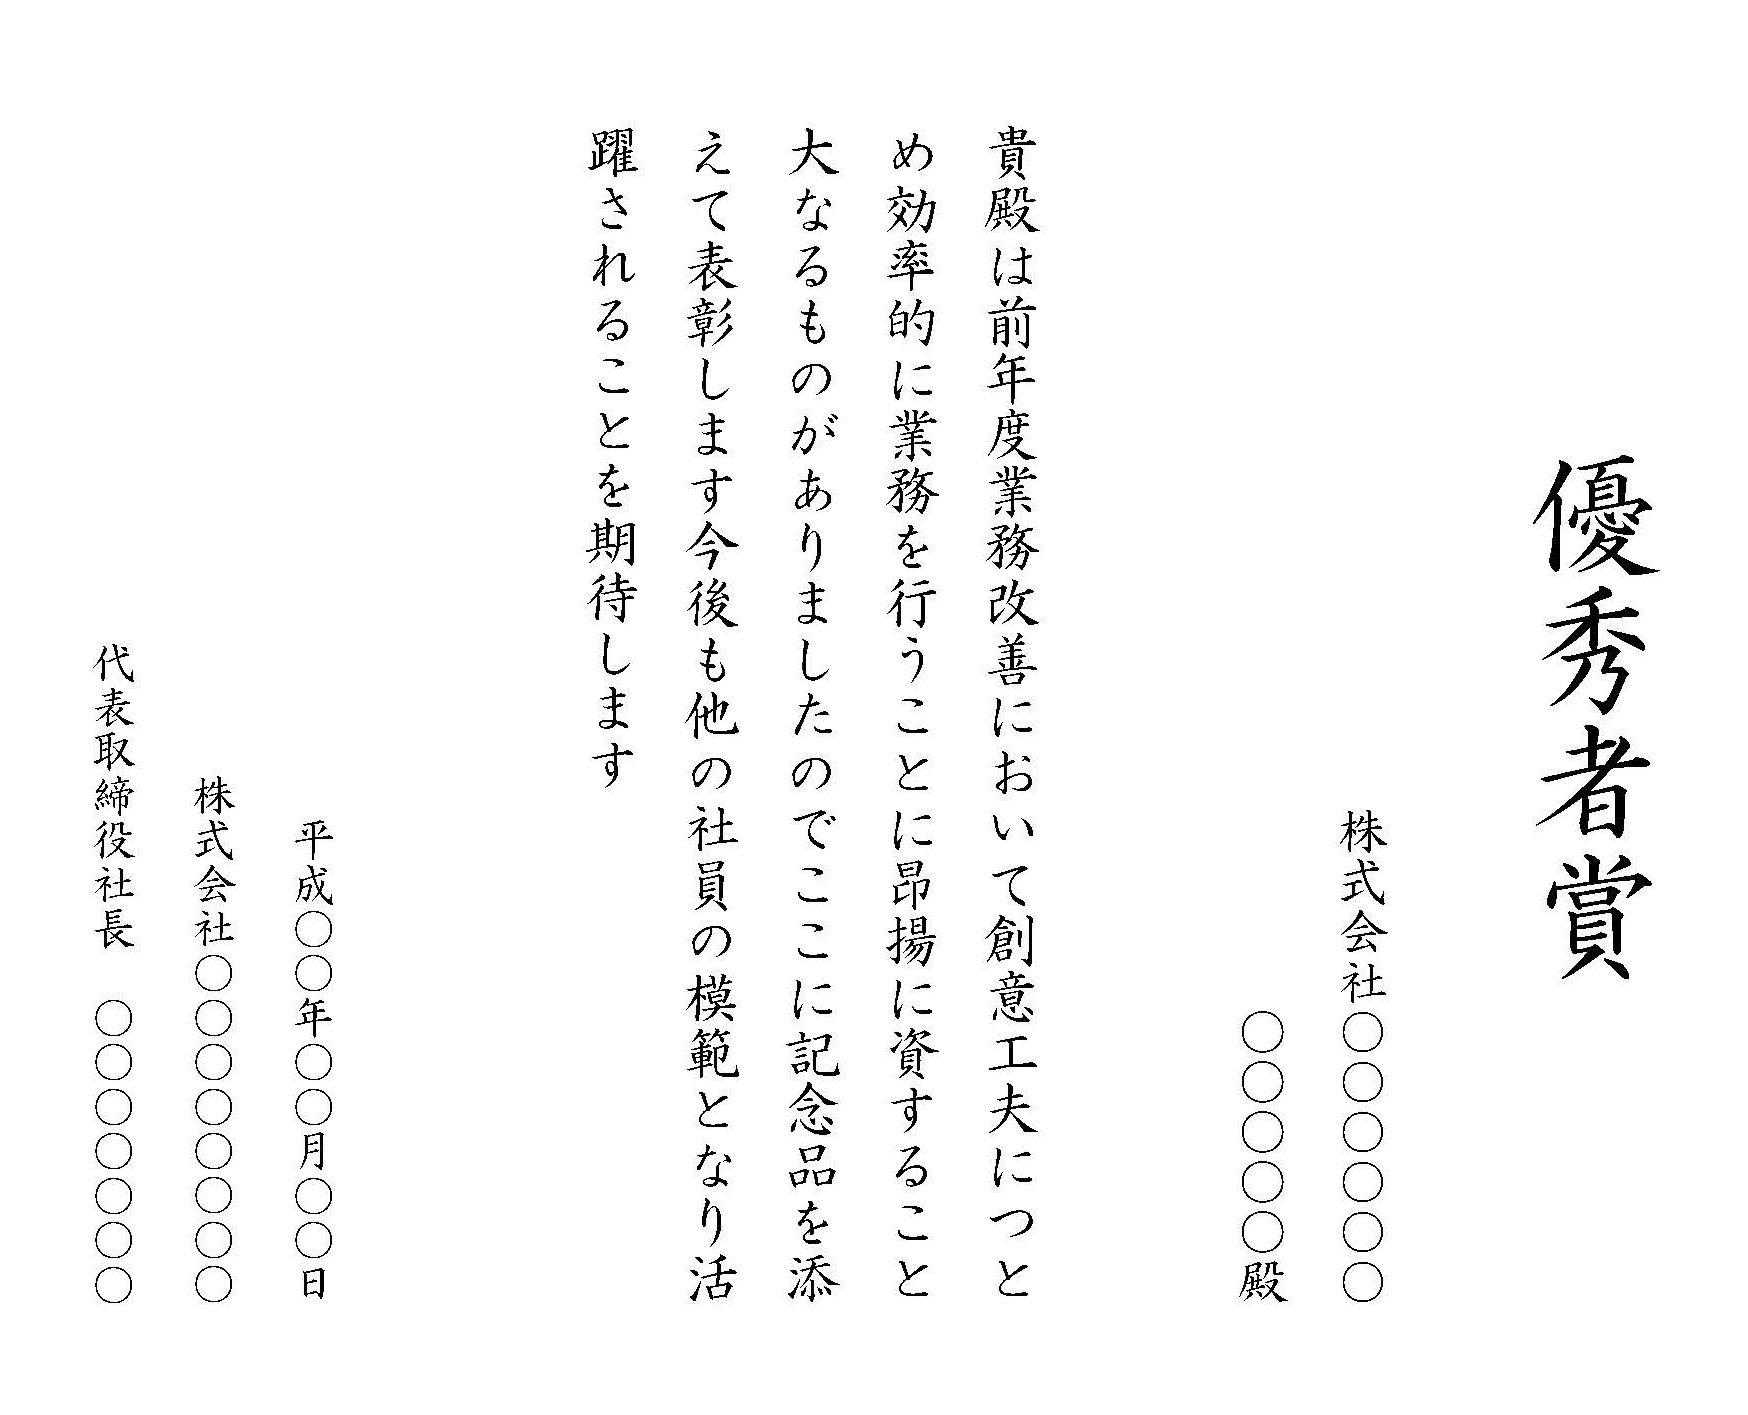 優秀者賞 (縦書き)